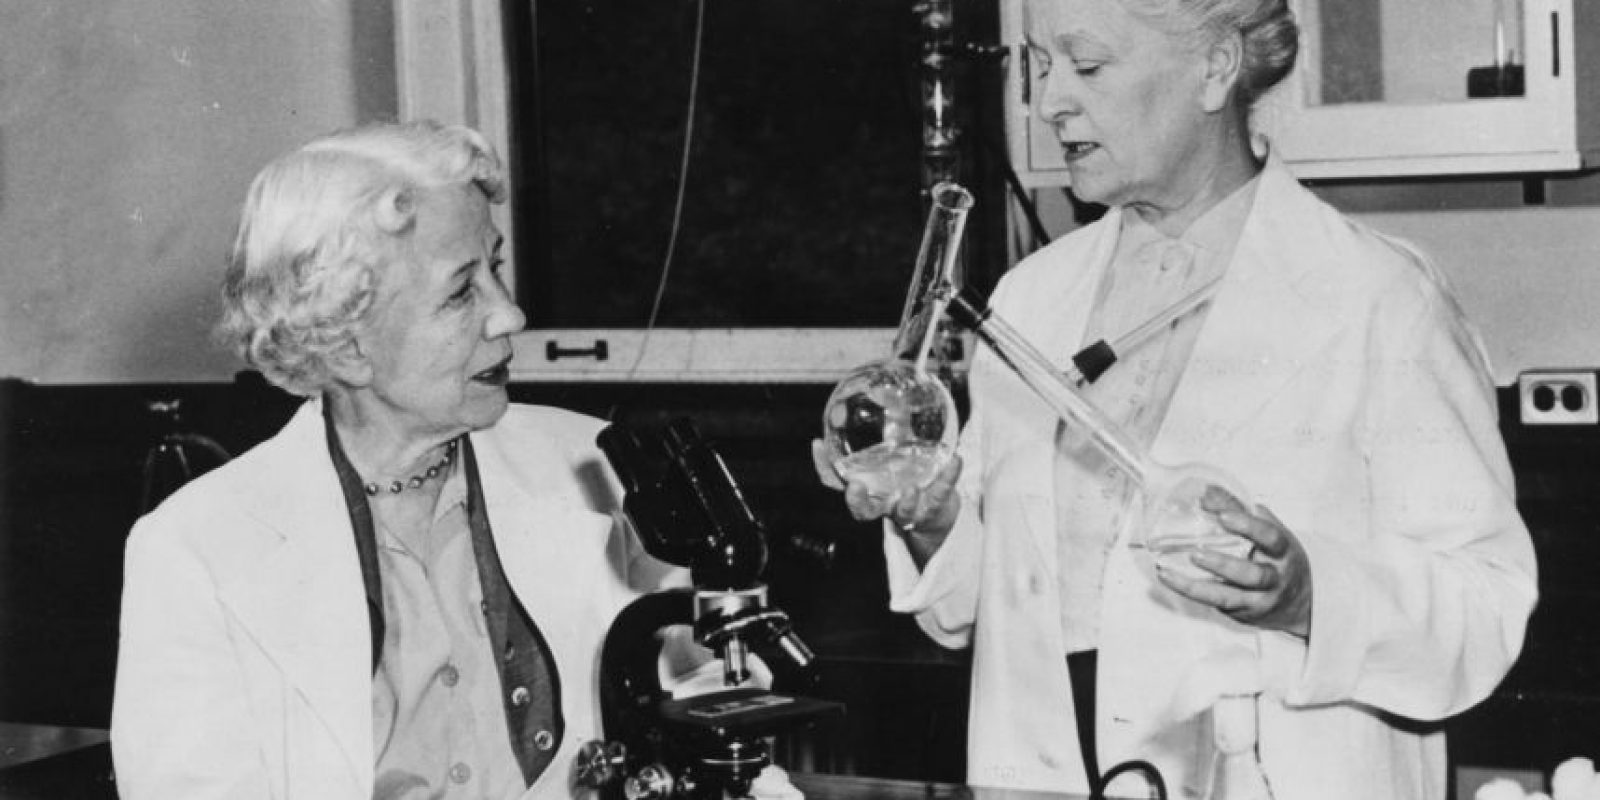 Elizabeth Lee Hazen y Rachel Fuller Brown. El primer primer antibiótico antifúngico útil fue descubierto por las científicas estadounidenses. Este antifúngico se le conoce comercialmente como Mycostatin, además de otros nombres y se usa en el tratamiento de infecciones cutáneas. Foto:Wikicommons